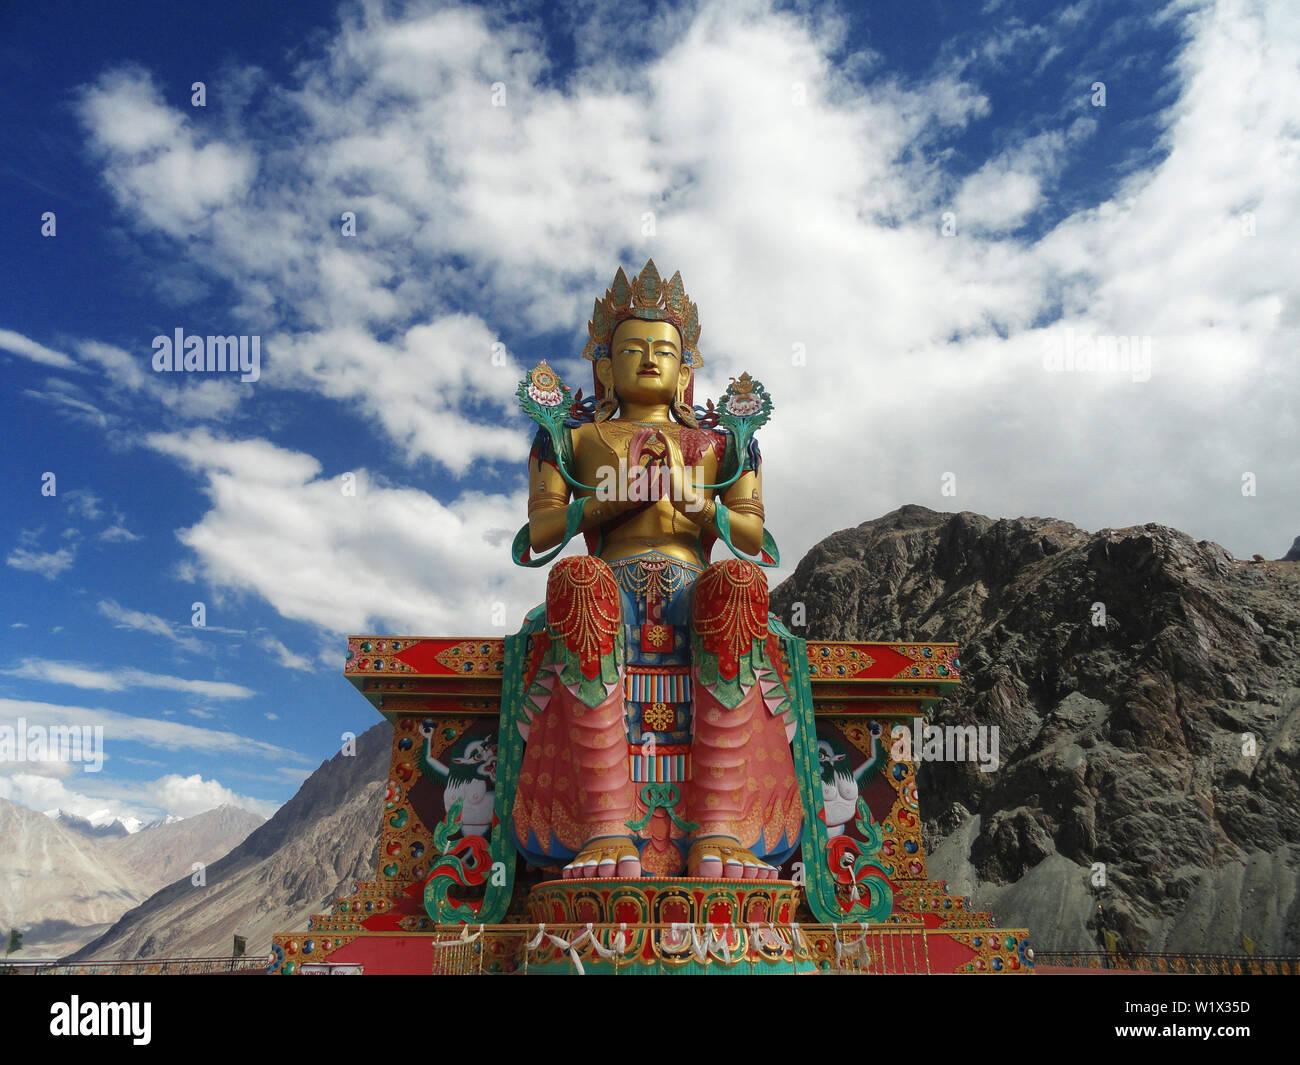 Giant Buddha at Deskit, Ladakh - Stock Image